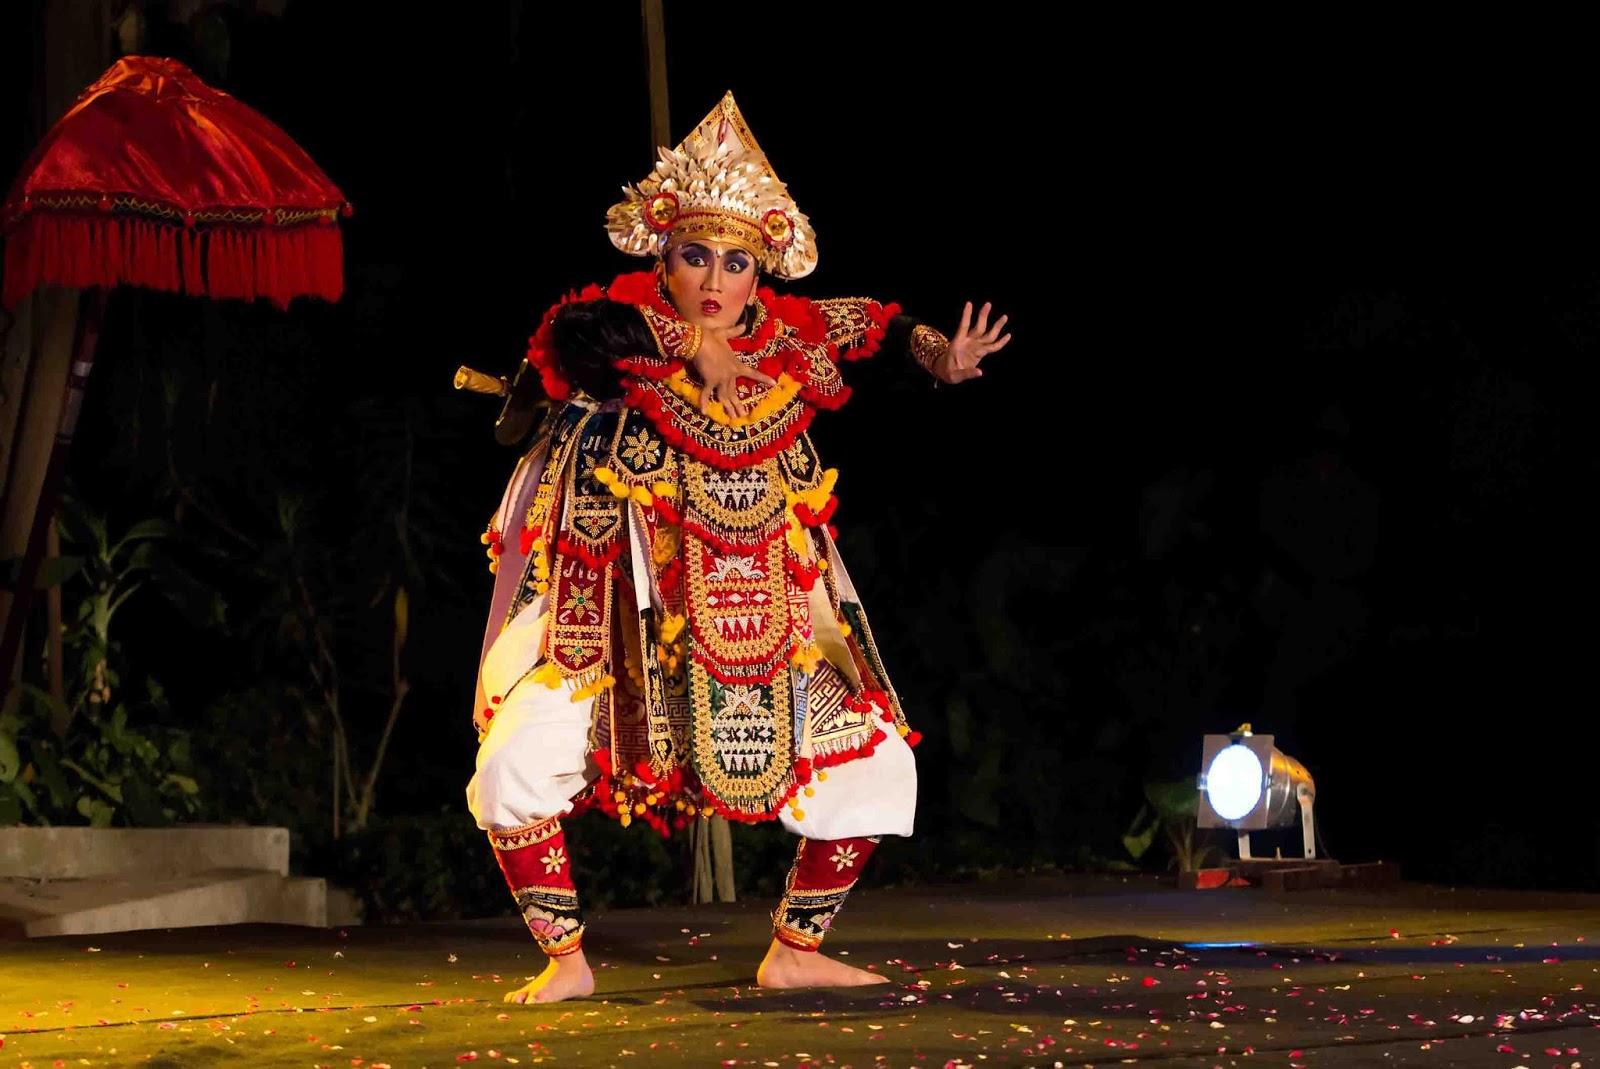 Tari Baris Tunggal, Tari Tradisional Yang Mempesona Dari Bali